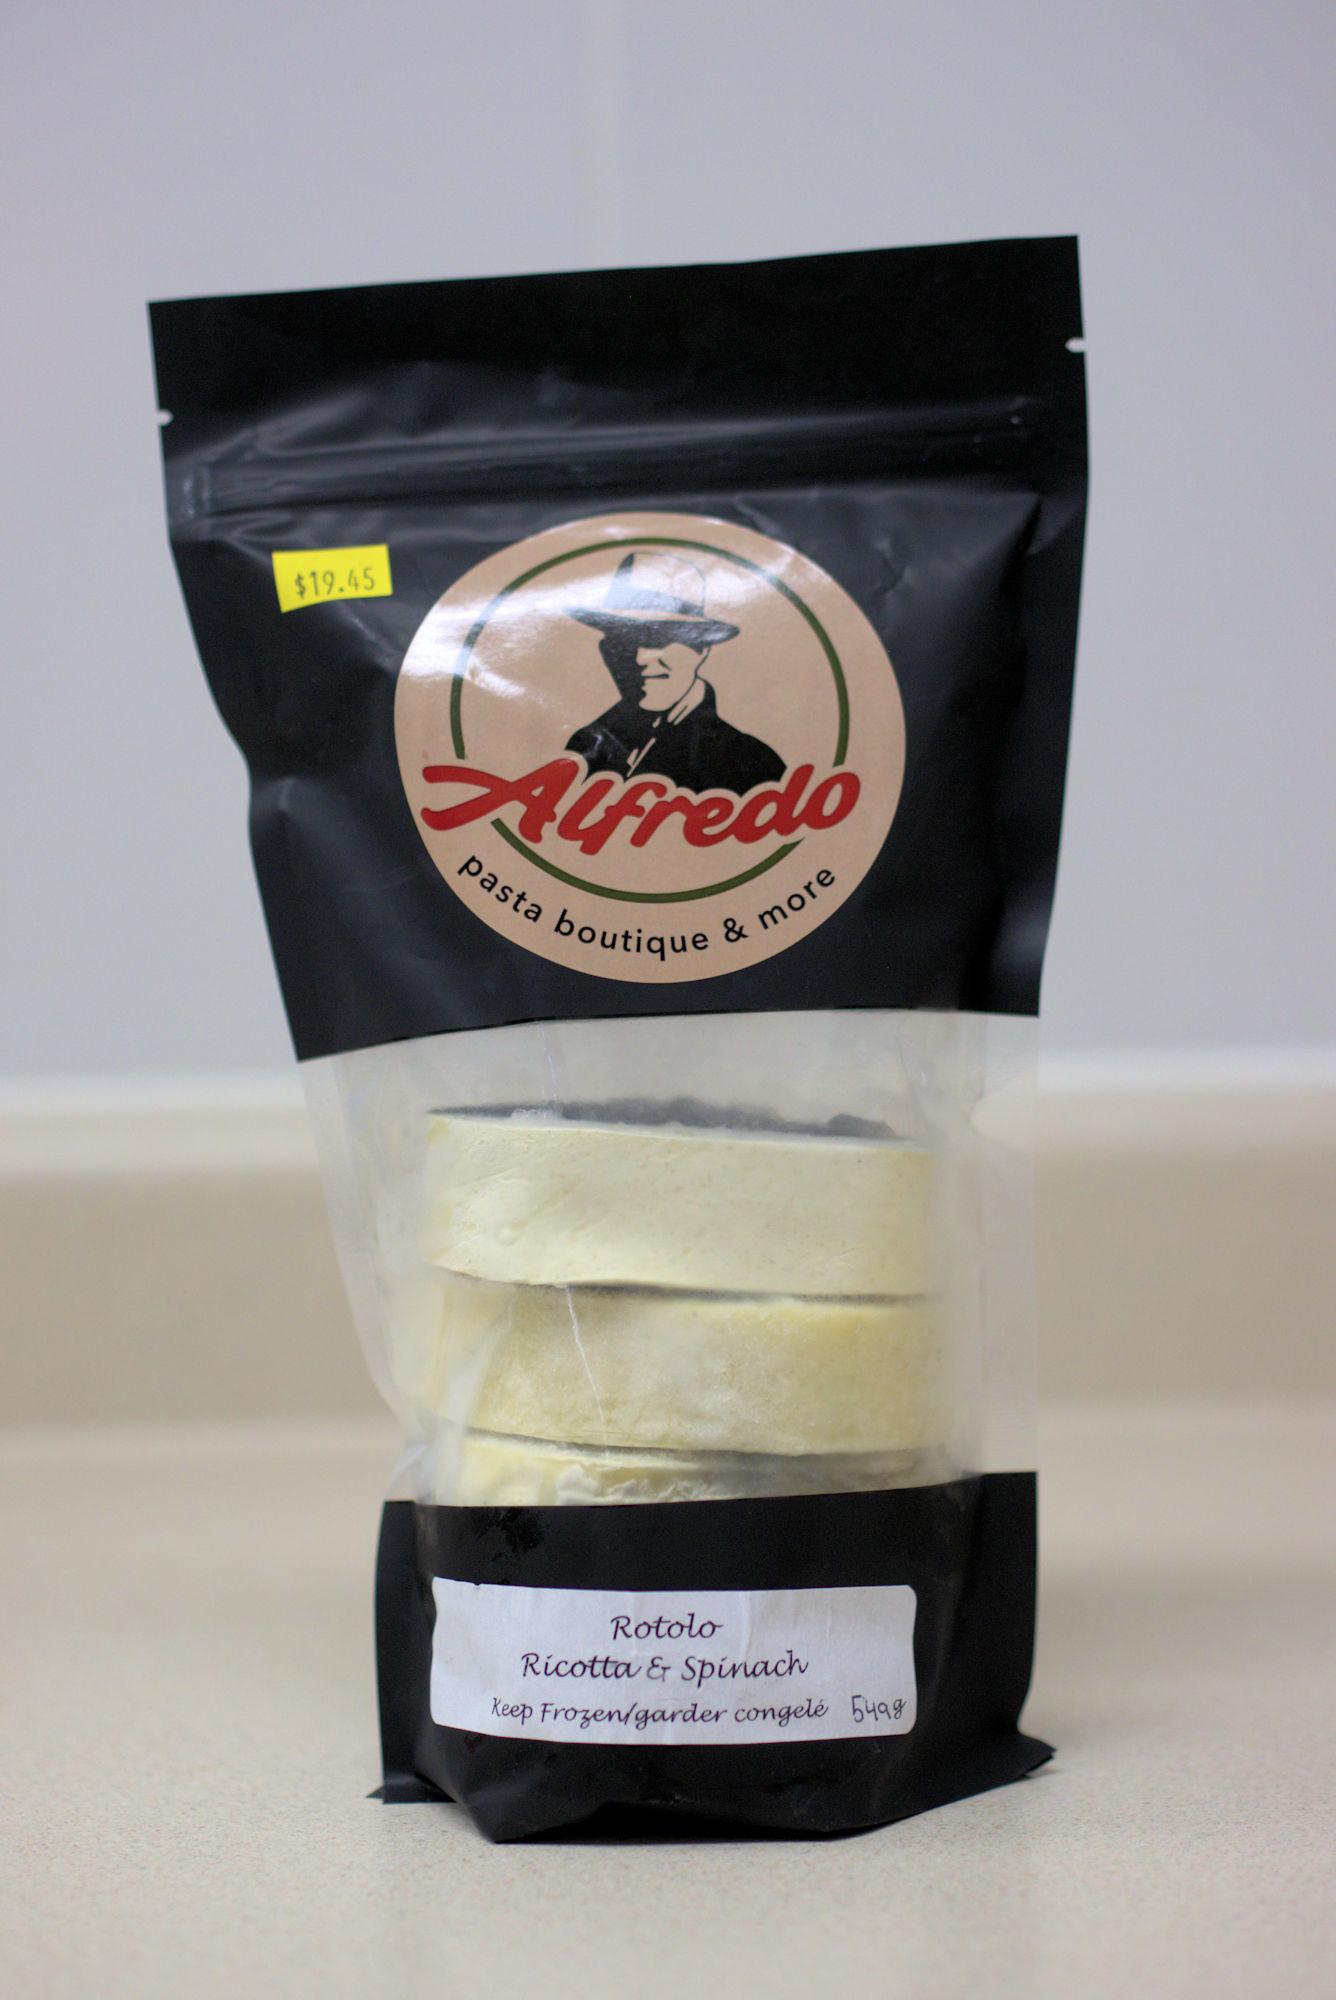 Rotolo - Ricotta & Spinach